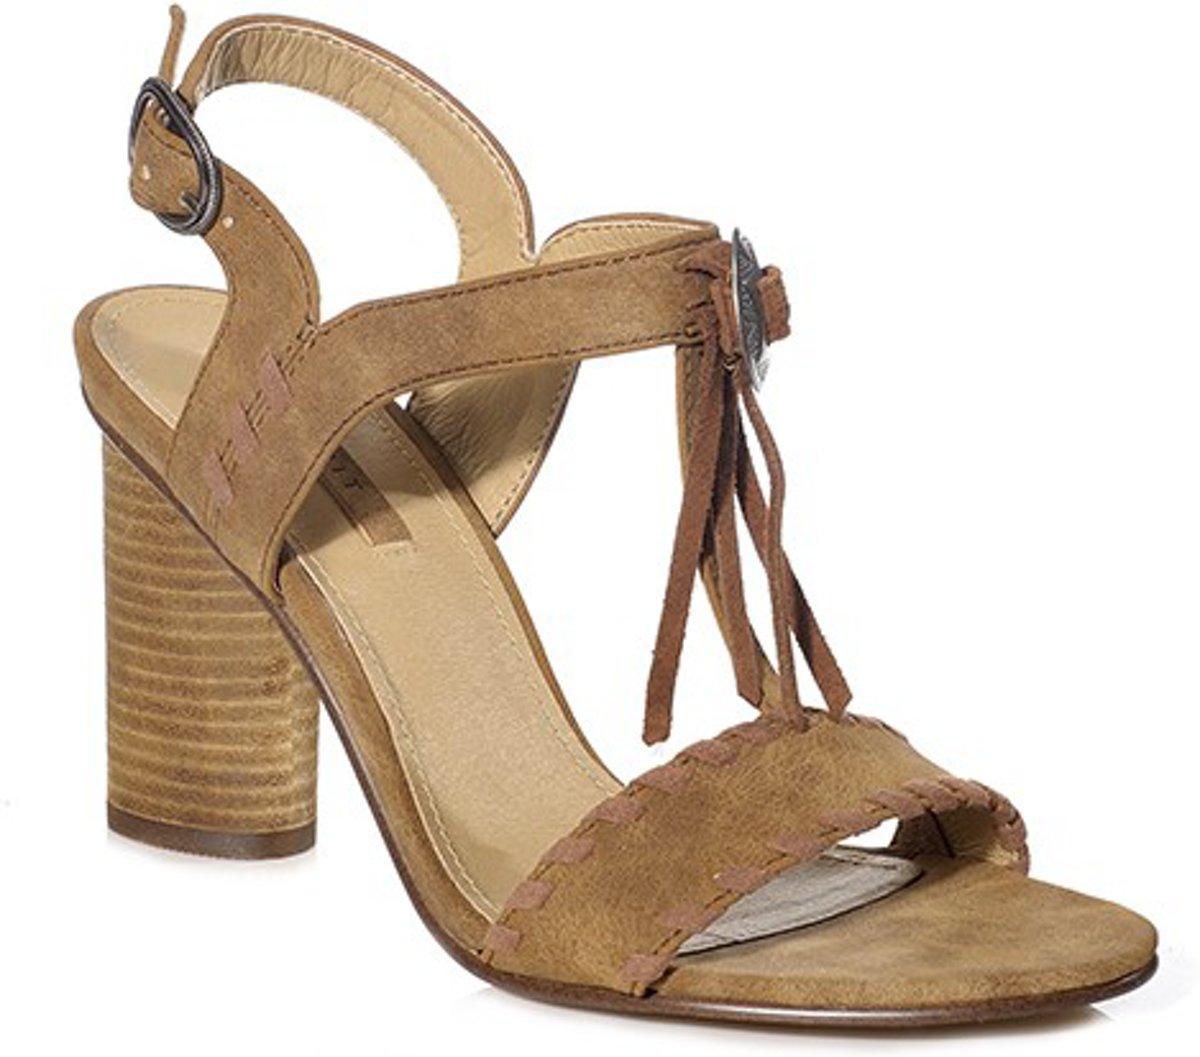 Sandales Esprit 036ek1w040 Taupe - 42 kDCJKXjV